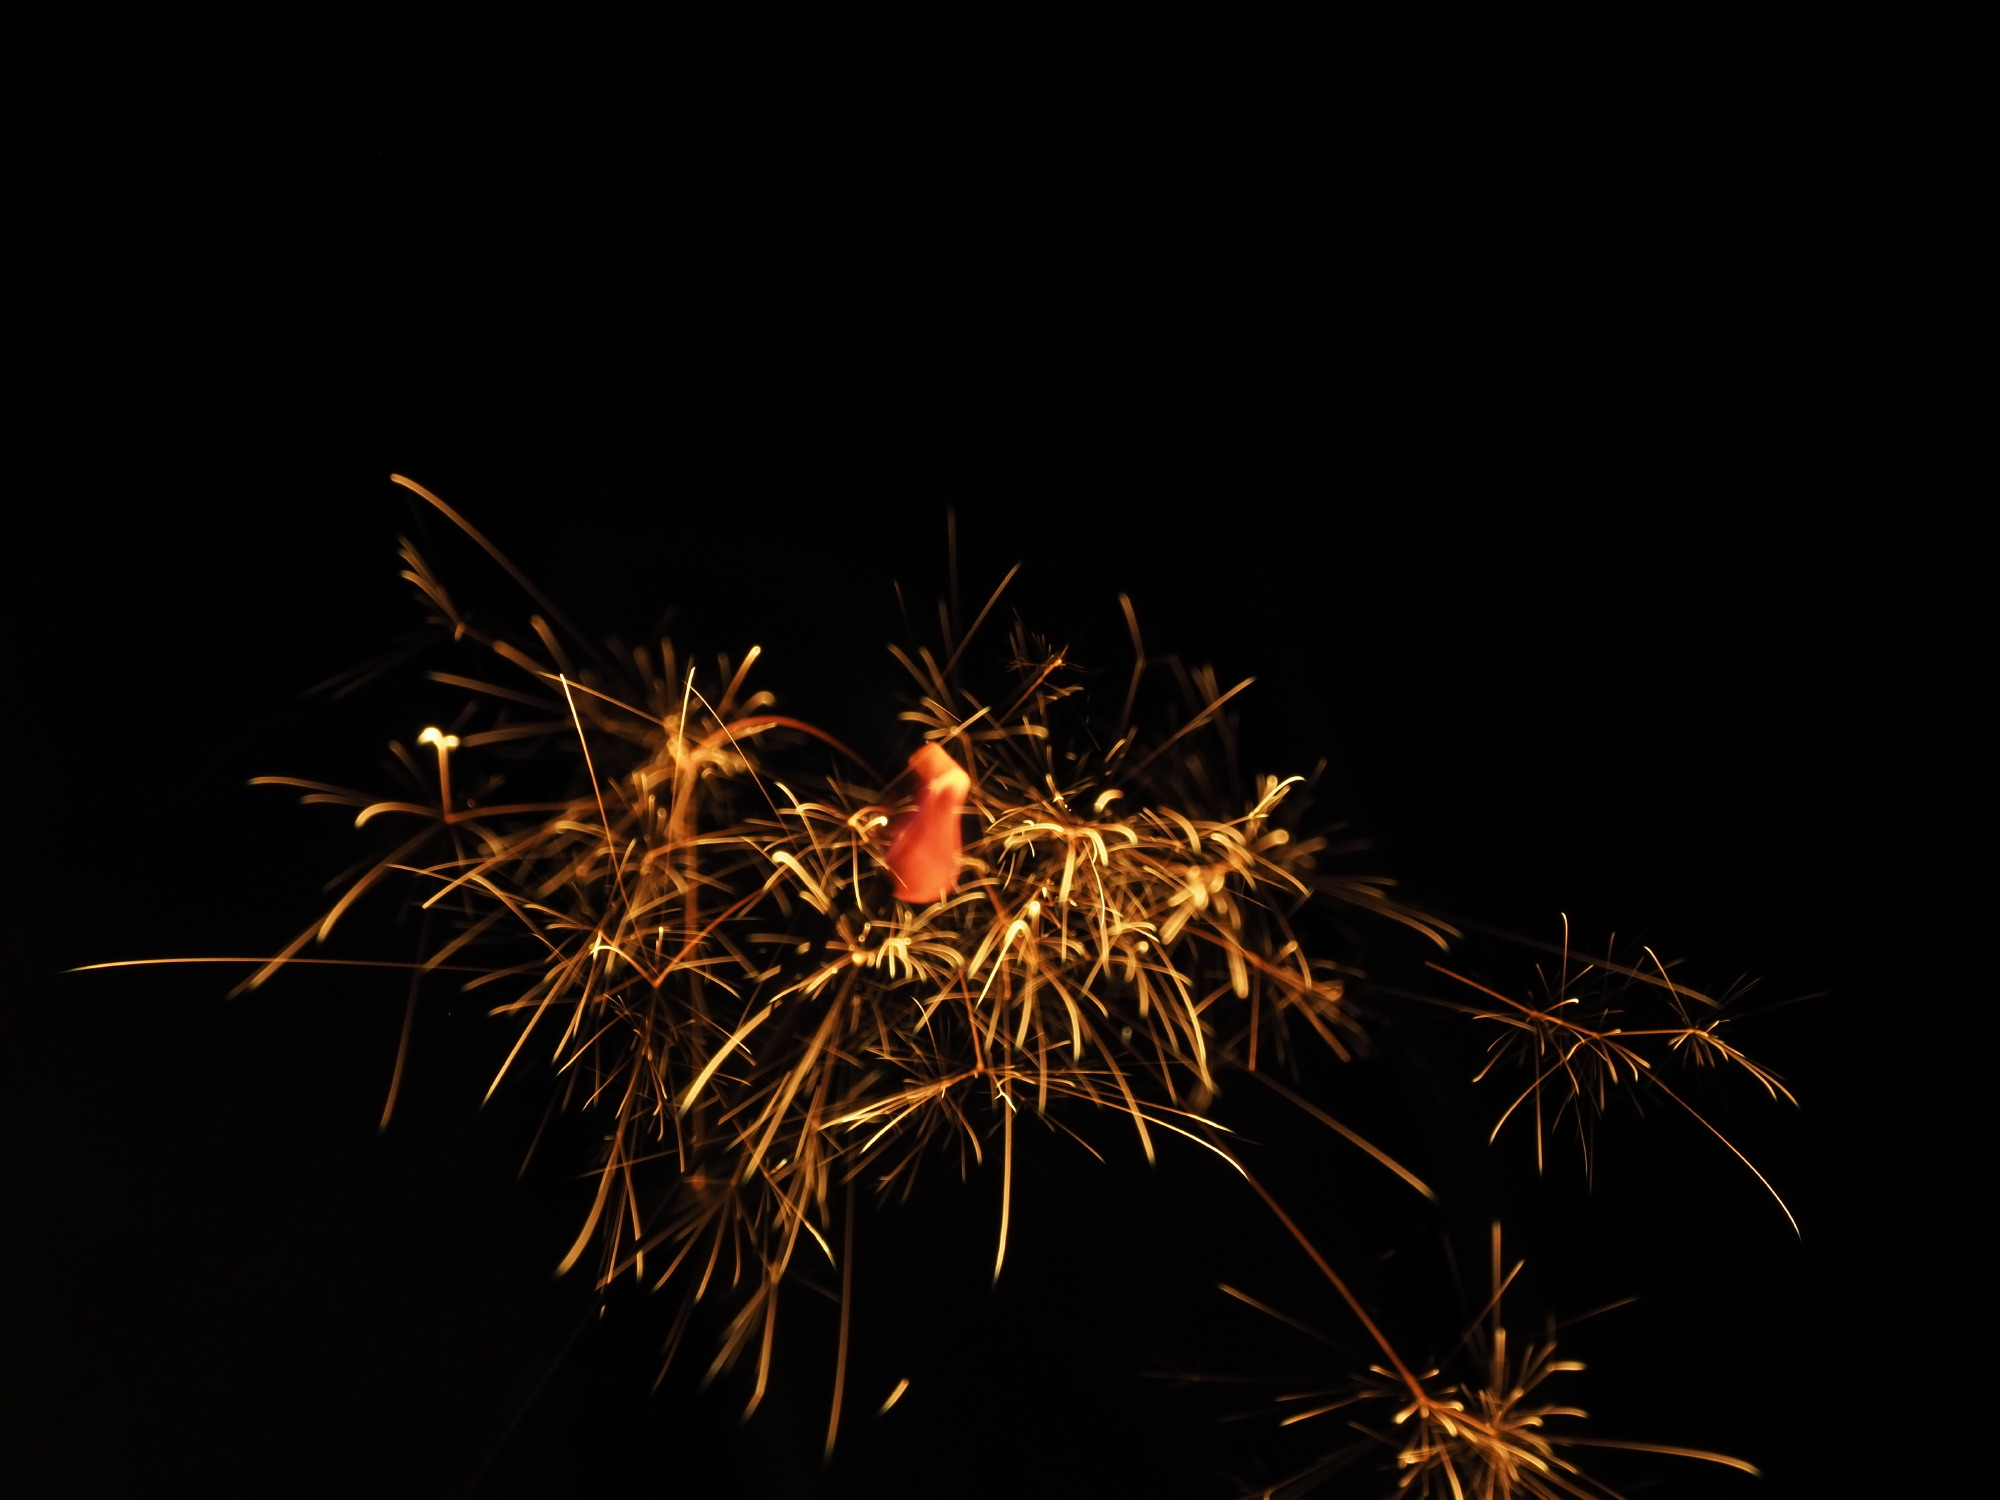 線香花火上向き2